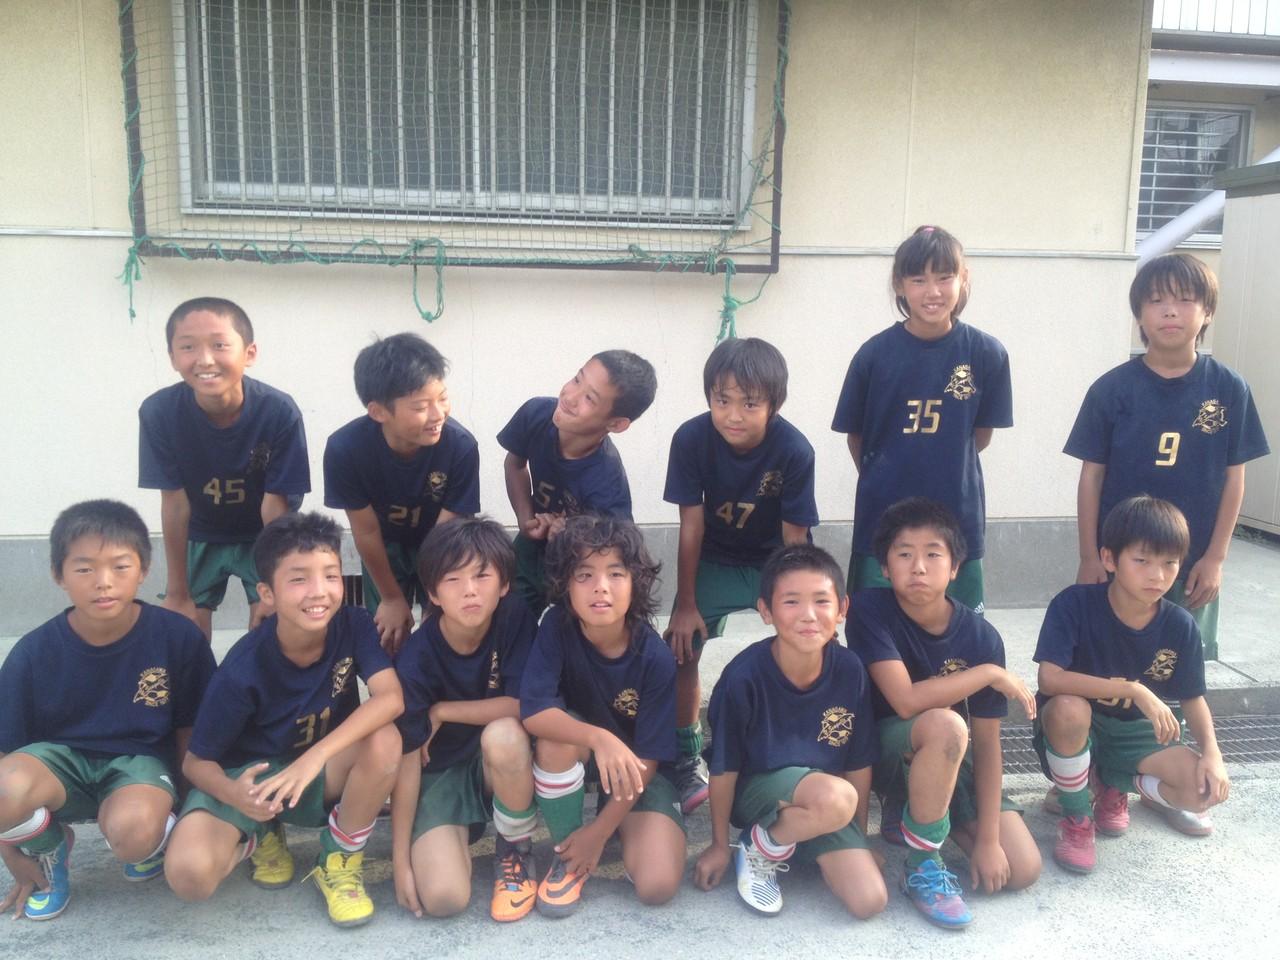 シーガルズ杯 U-12 セカンド